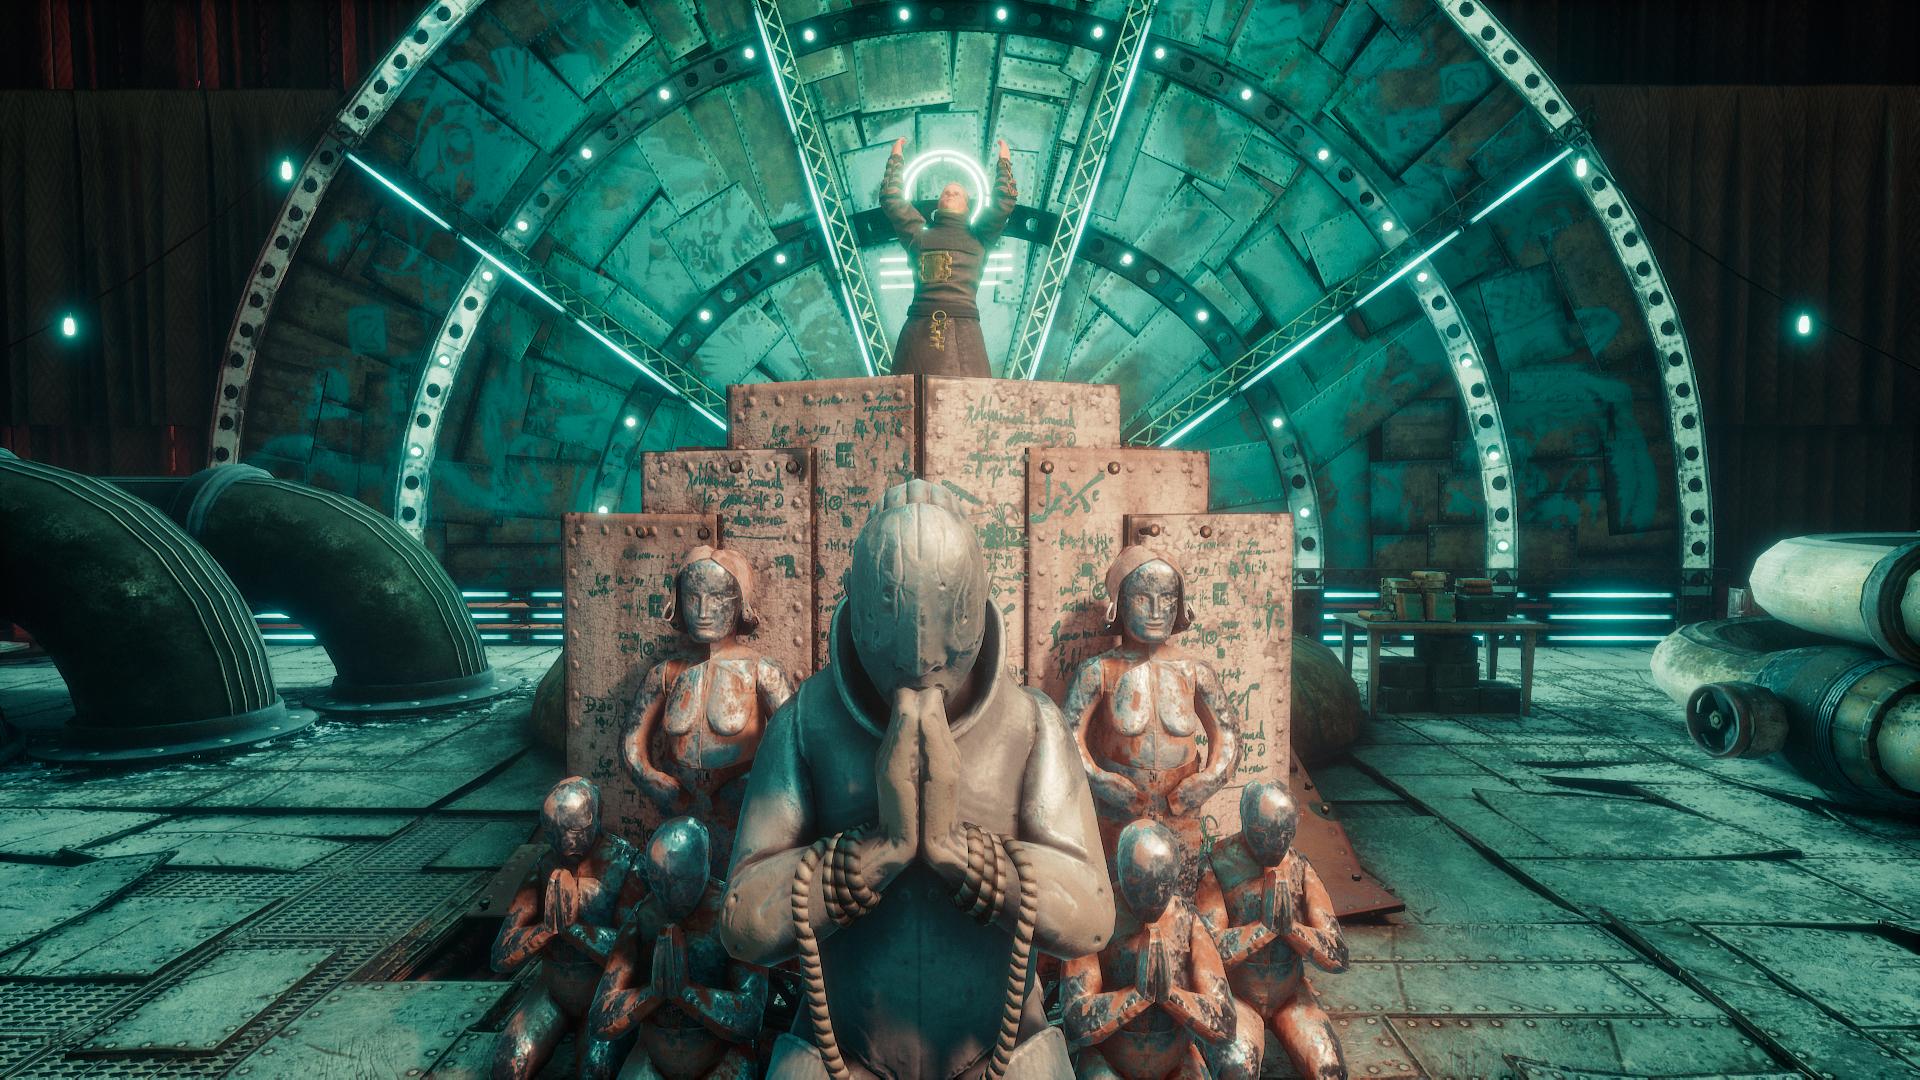 失眠:方舟(Insomnia: The Ark)免安装绿色版|DLC|升级档|网盘下载